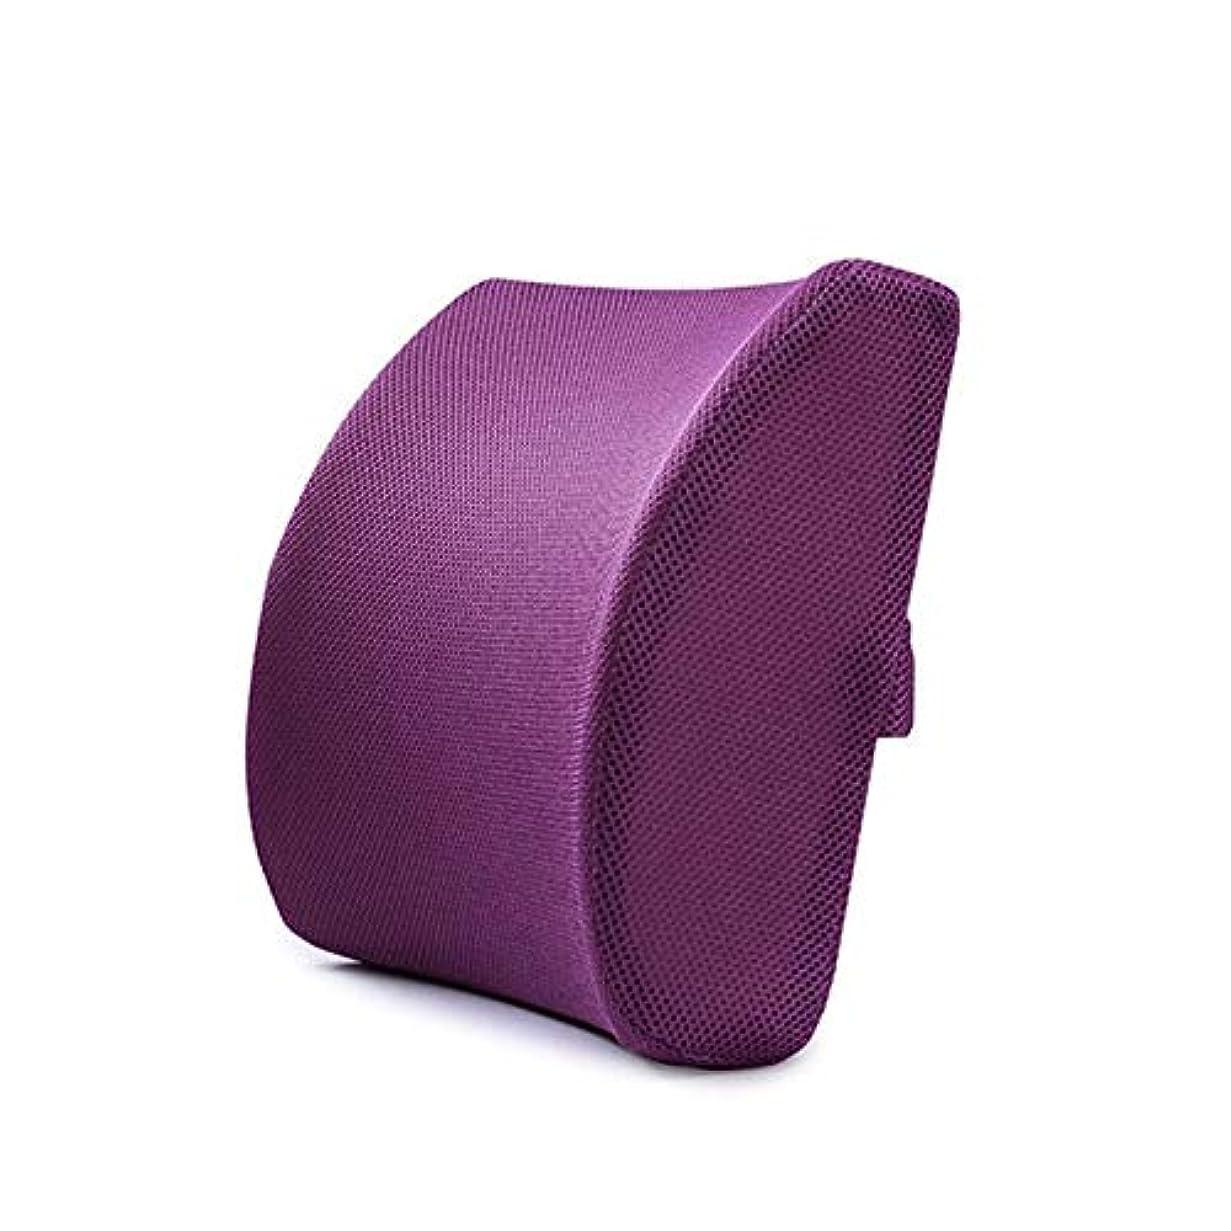 ゴム略奪伝染性のLIFE ホームオフィス背もたれ椅子腰椎クッションカーシートネック枕 3D 低反発サポートバックマッサージウエストレスリビング枕 クッション 椅子